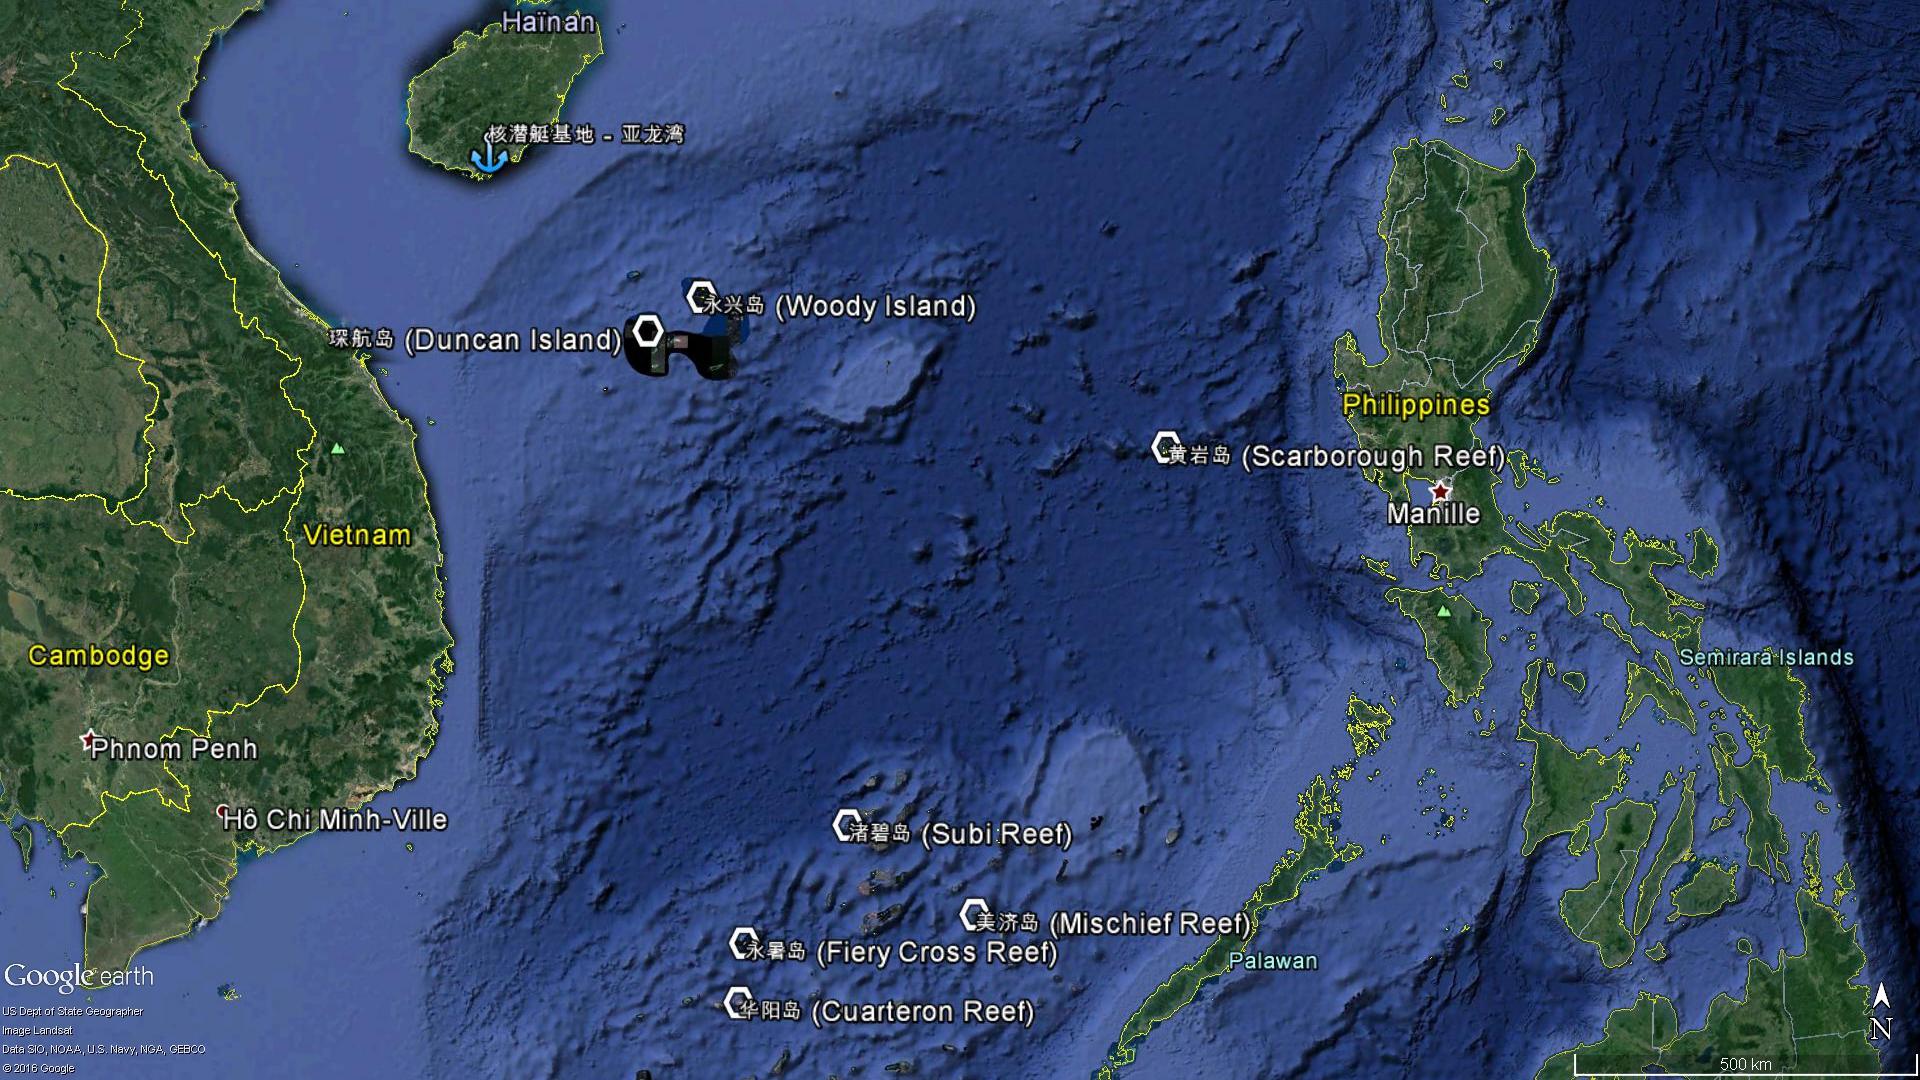 Les principales îles contrôlées par la Chine en mer de Chine méridionale